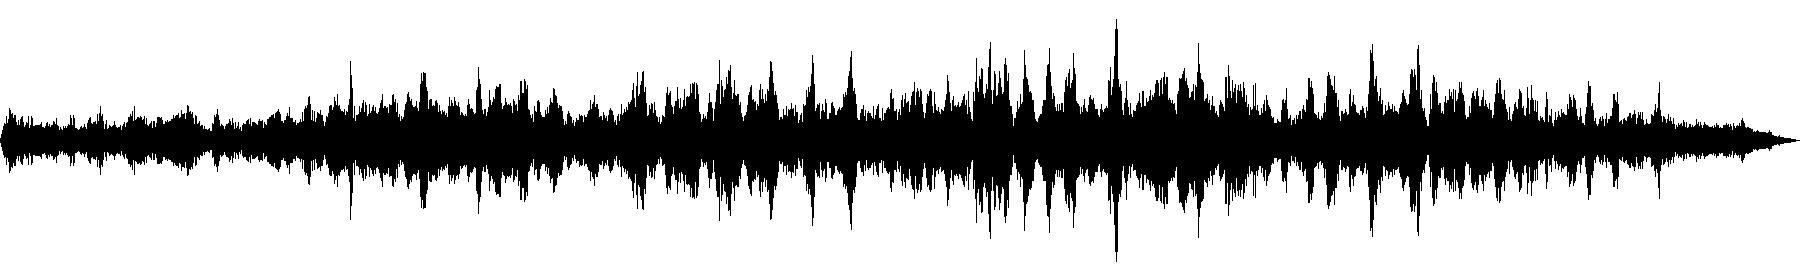 bluezone xworld sound 052